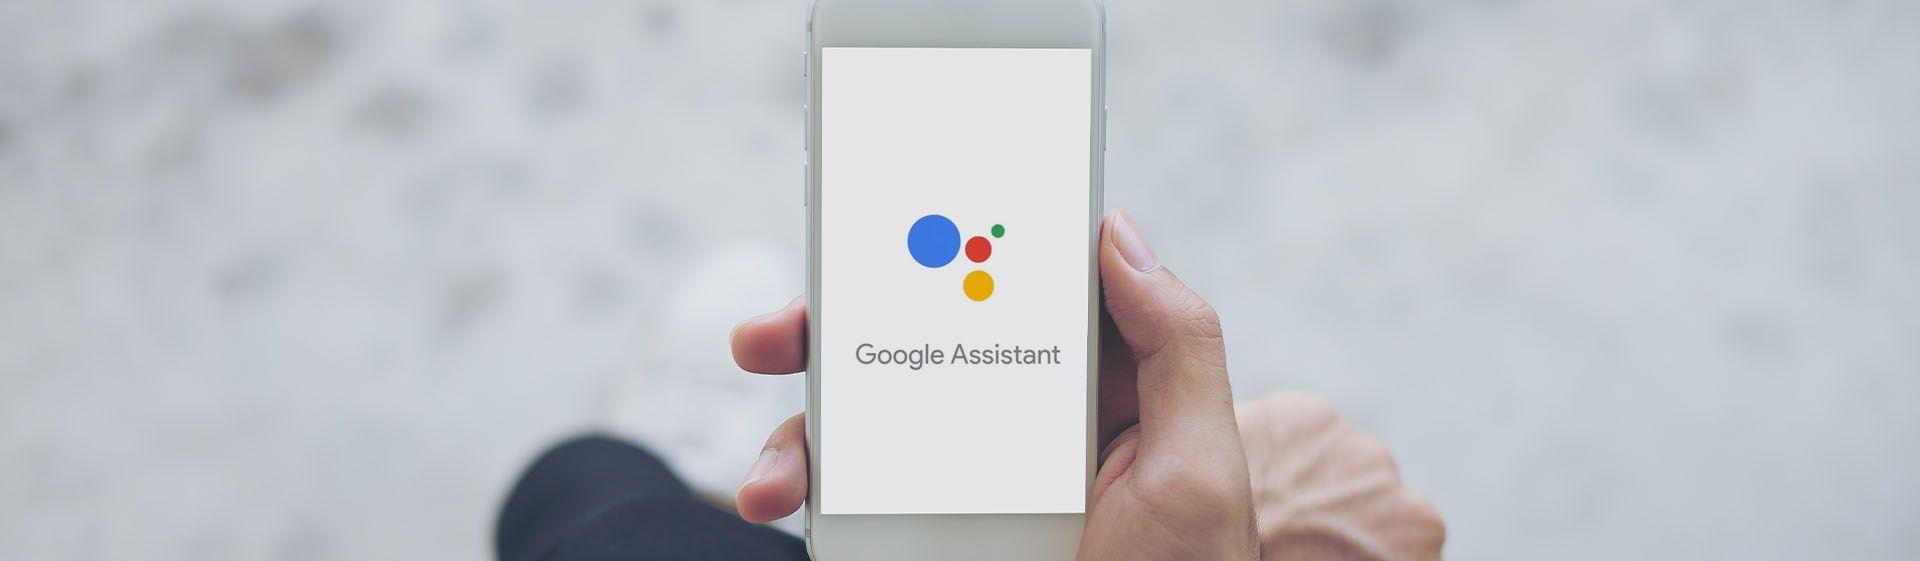 Casa Conectada: Google Assistente é capaz de comandar toda a sua casa, através do comando de voz